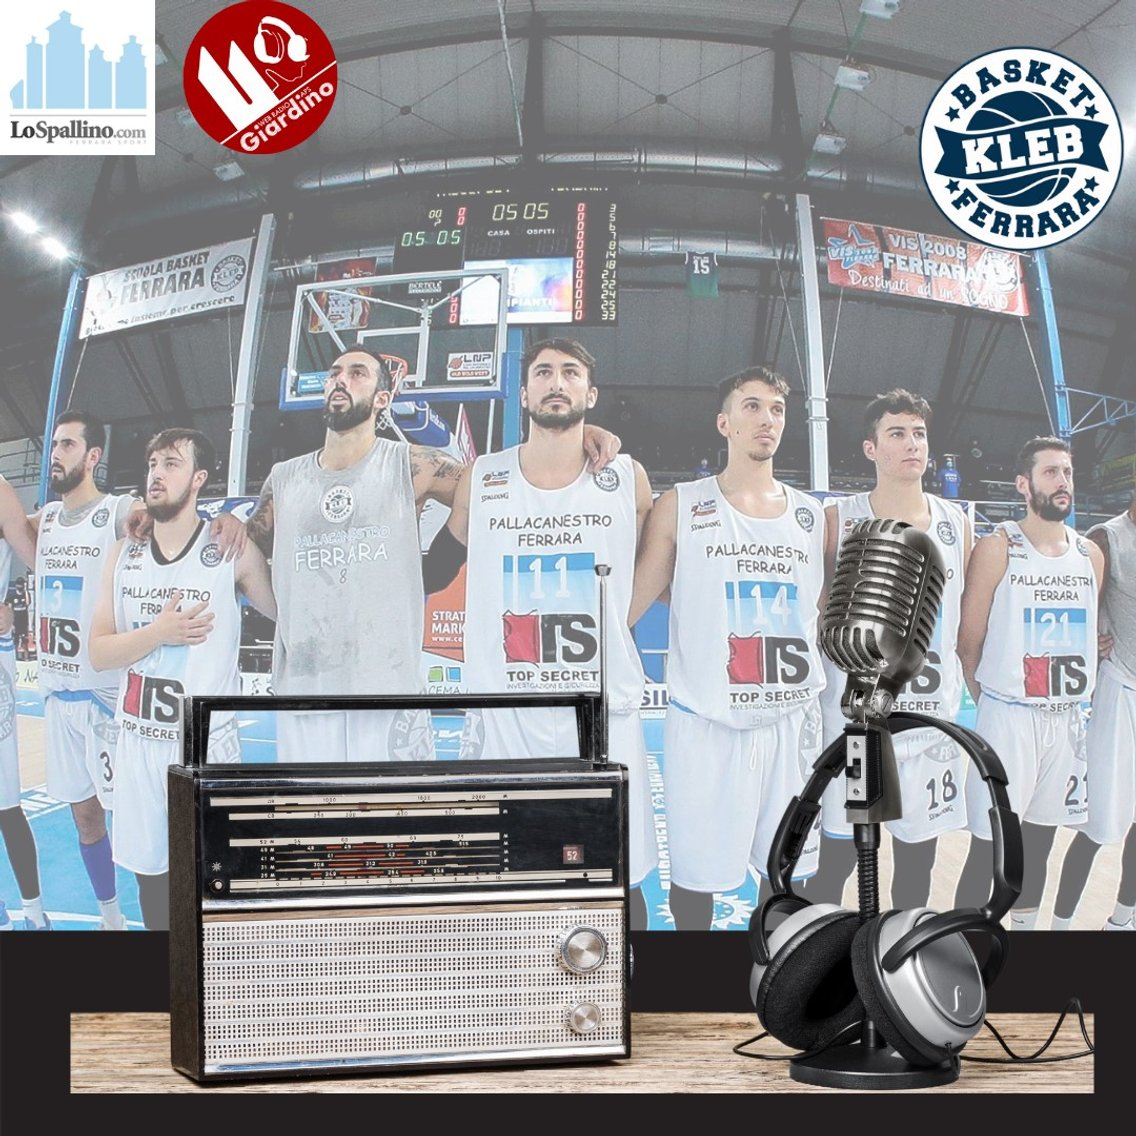 Le Radiocronache del Kleb Basket - immagine di copertina